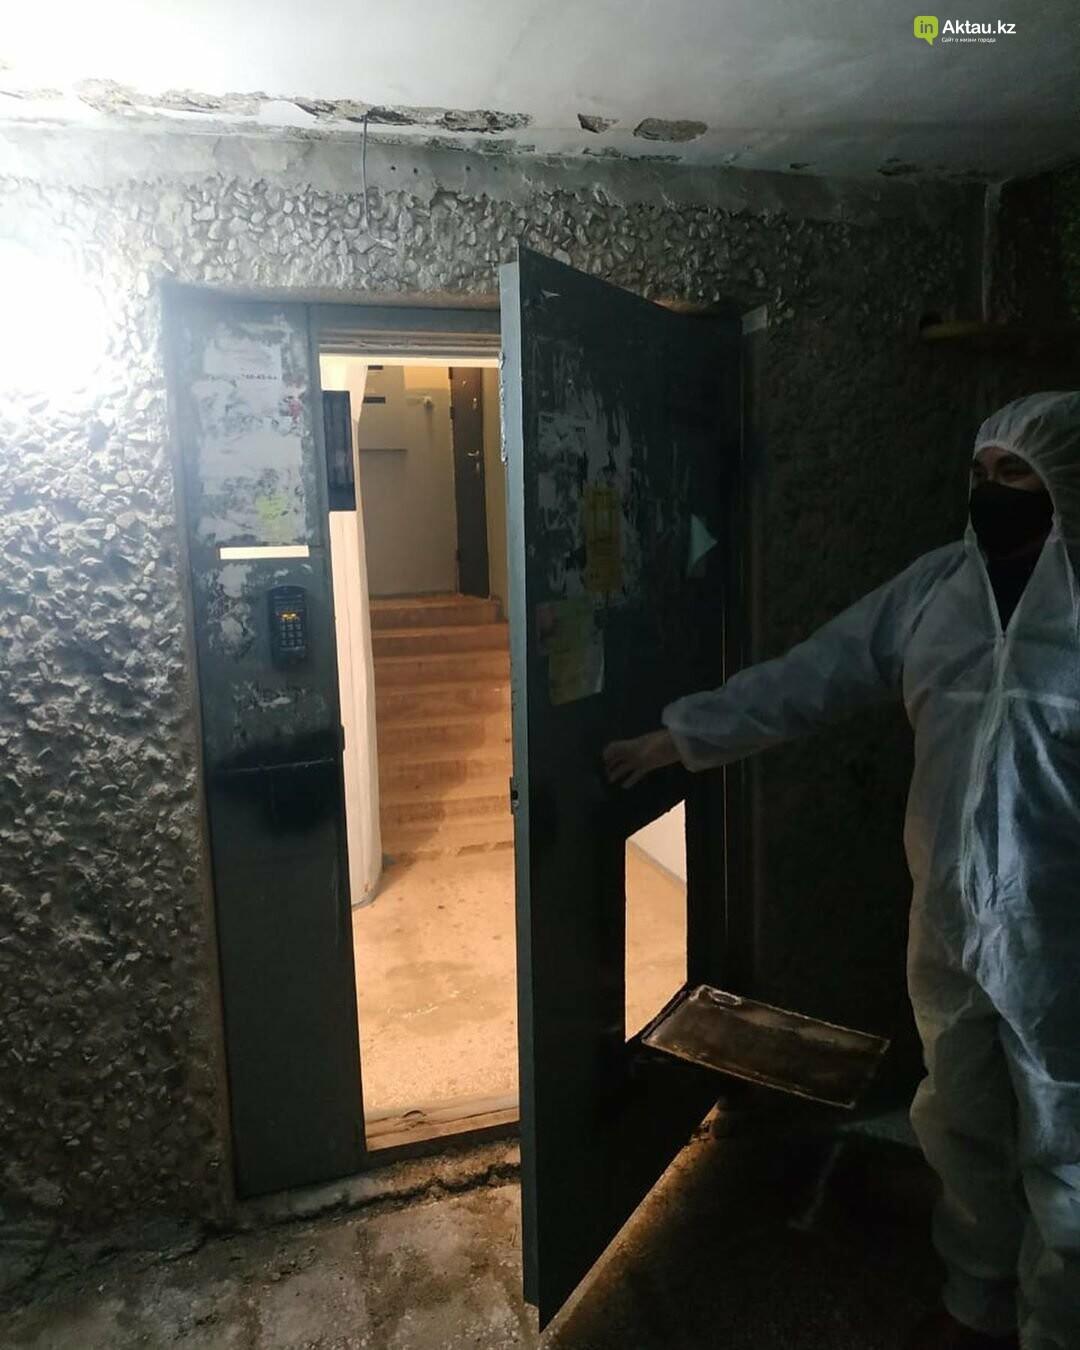 Акимат: двери в изолированный подъезд не заварены, фото-1